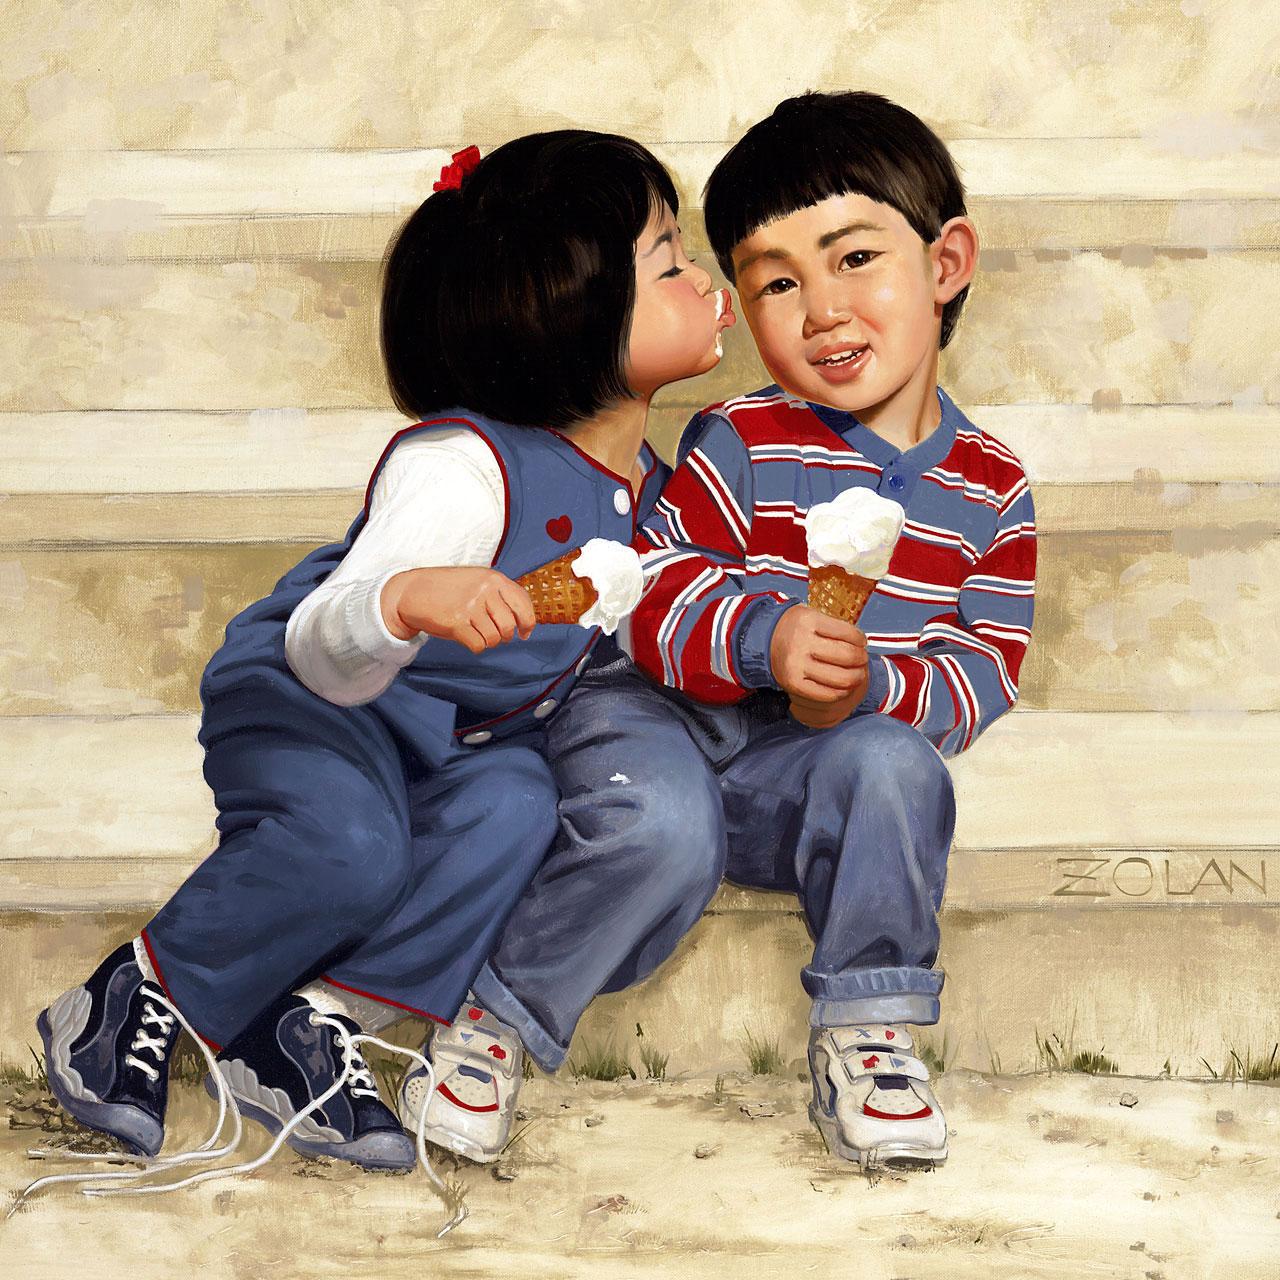 donald zolan kids kiss